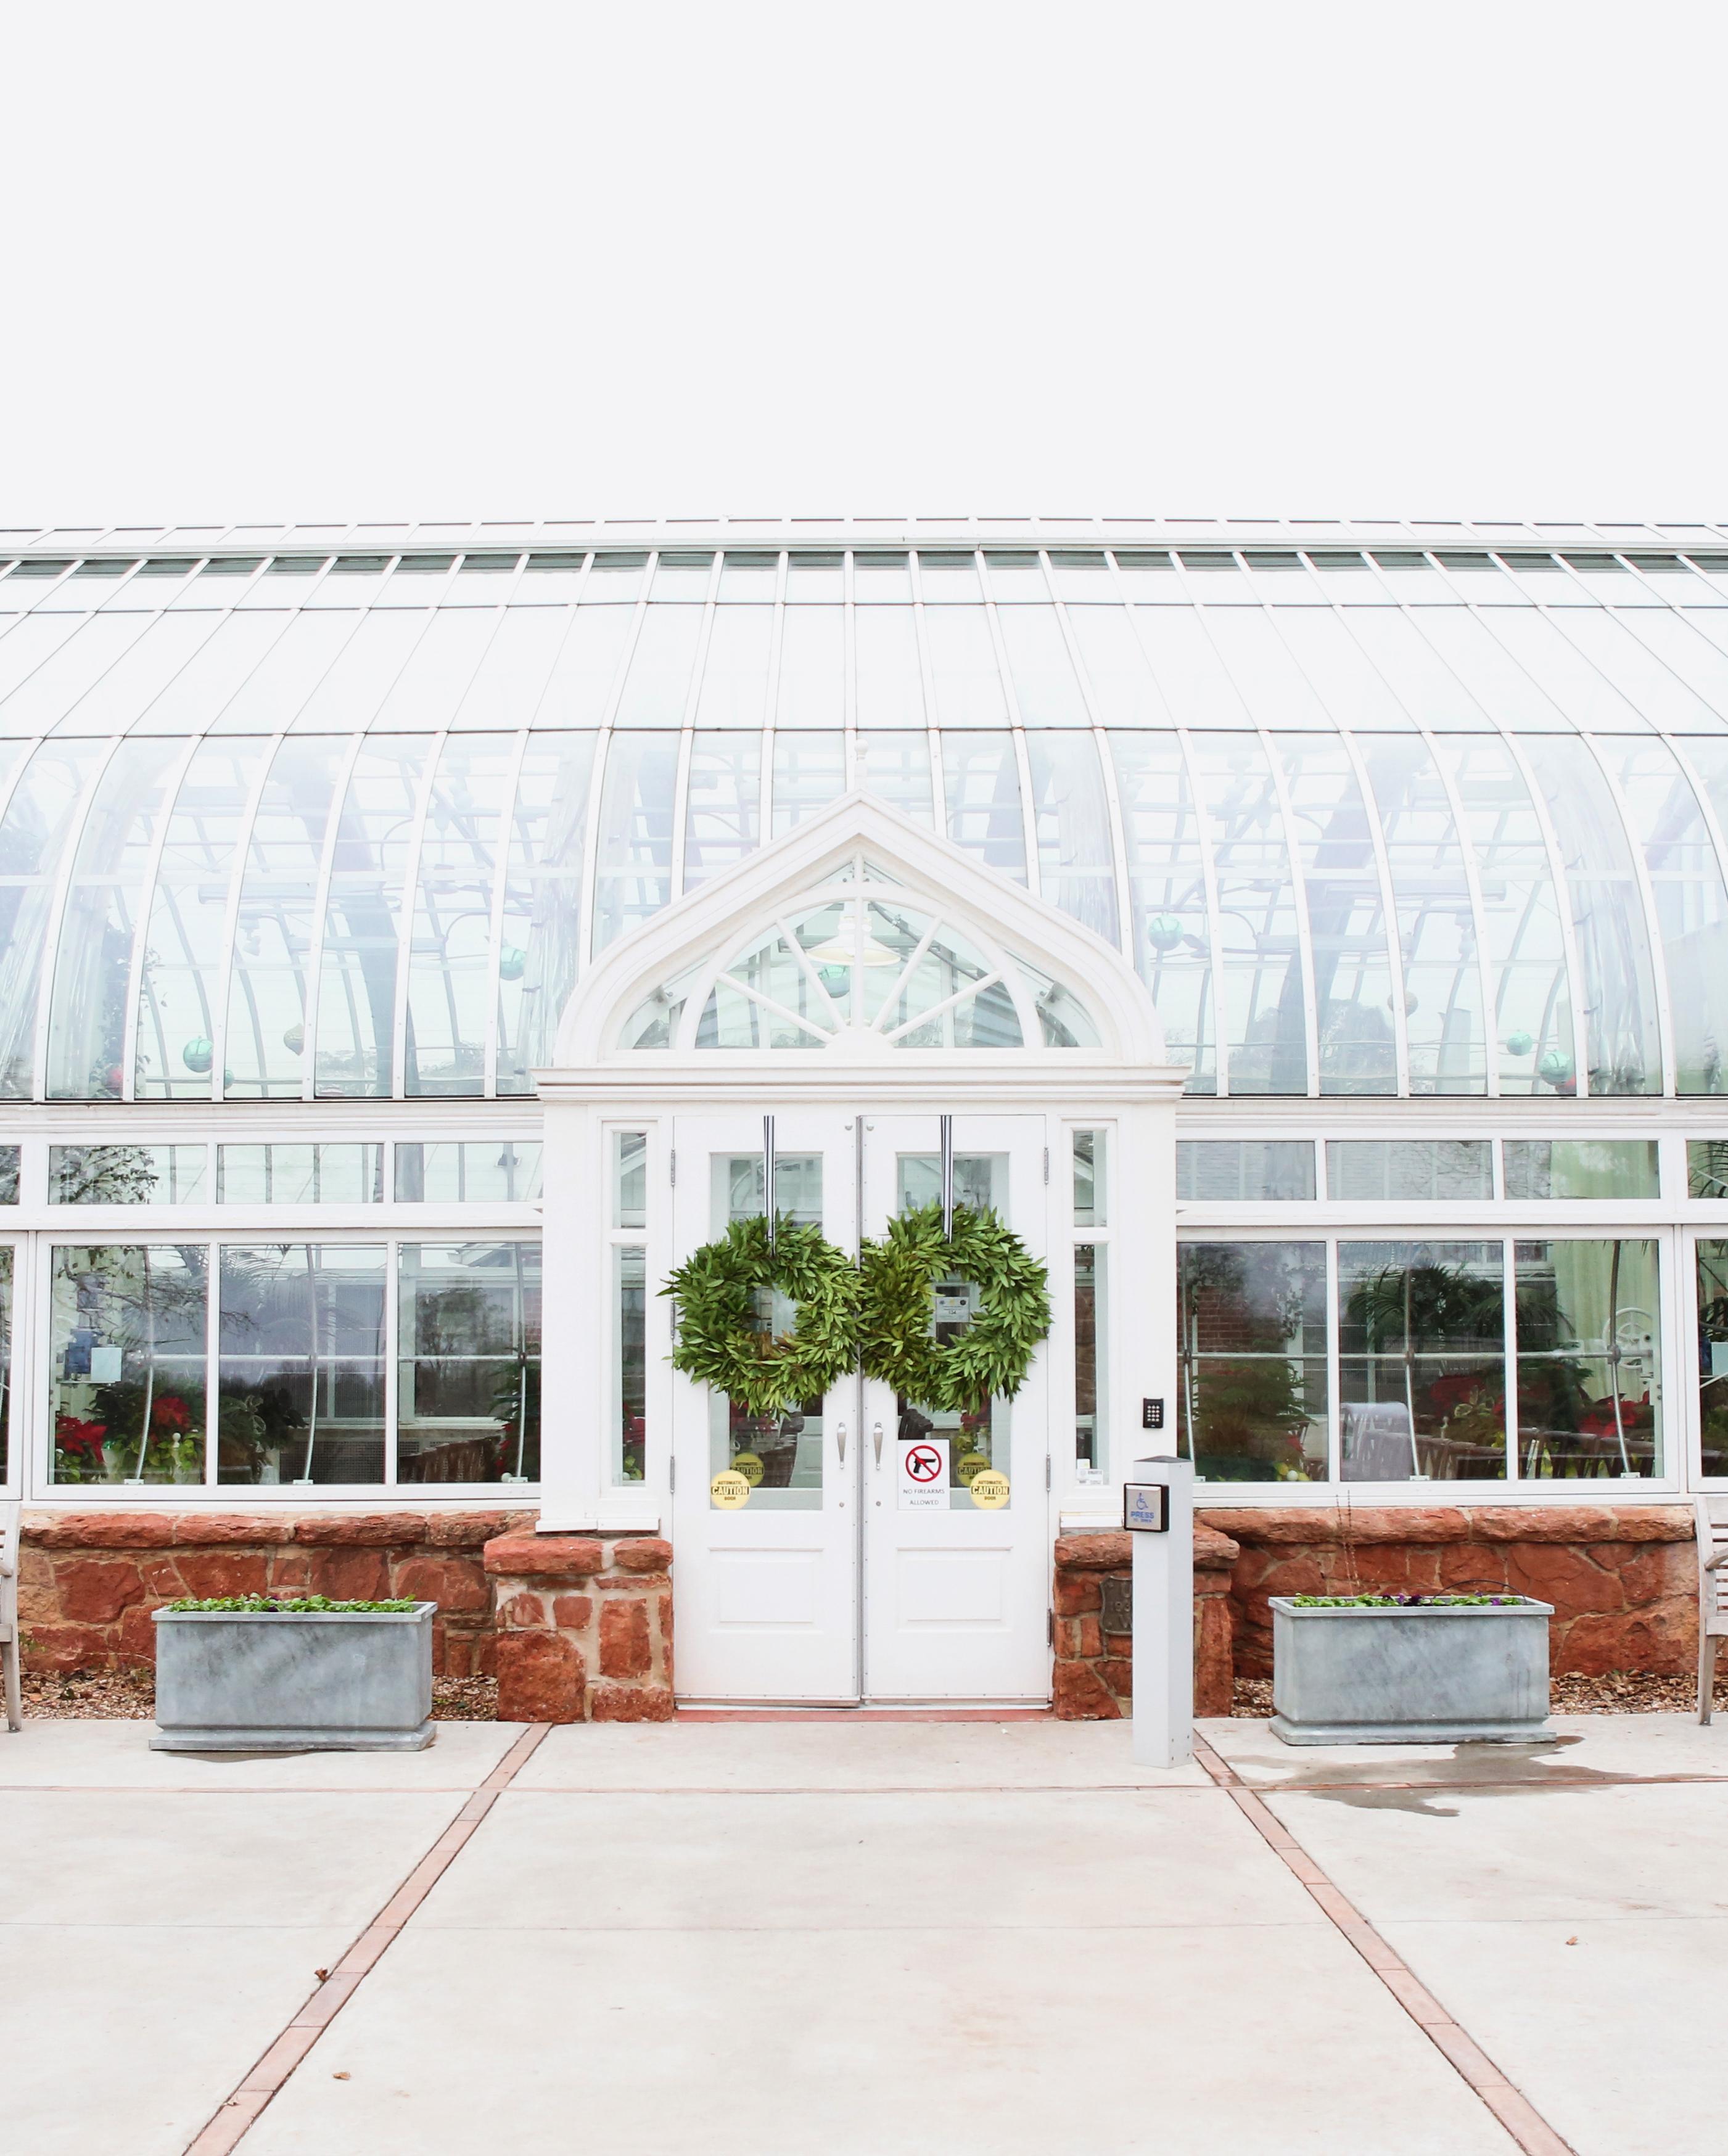 jessie-justin-wedding-venue-45-s112135-0915-s112135-0915.jpg